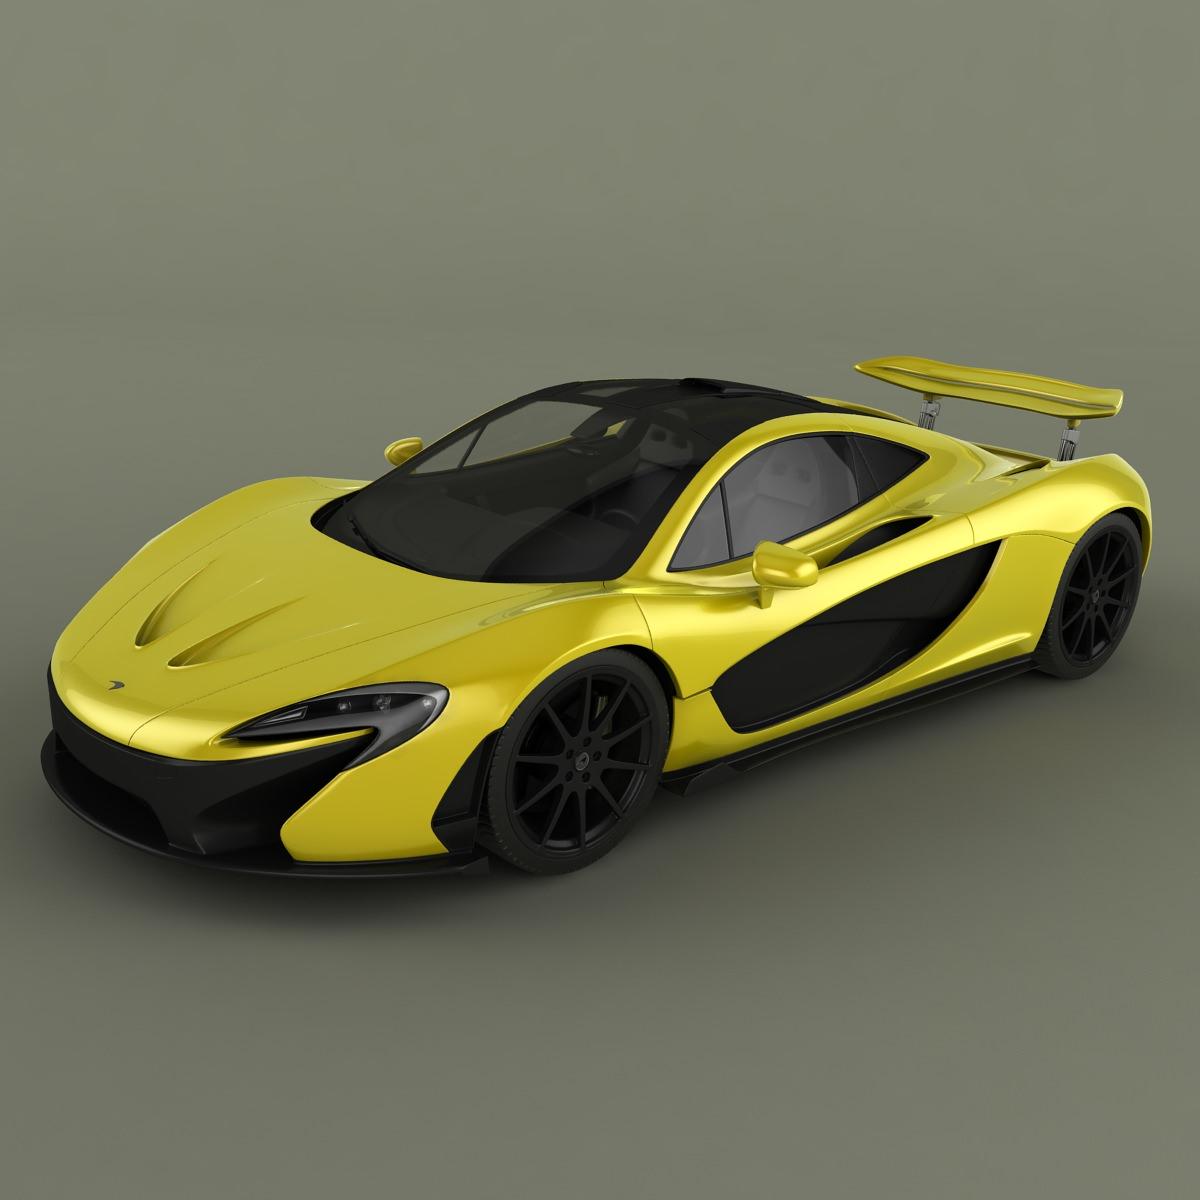 McLaren P1 3D